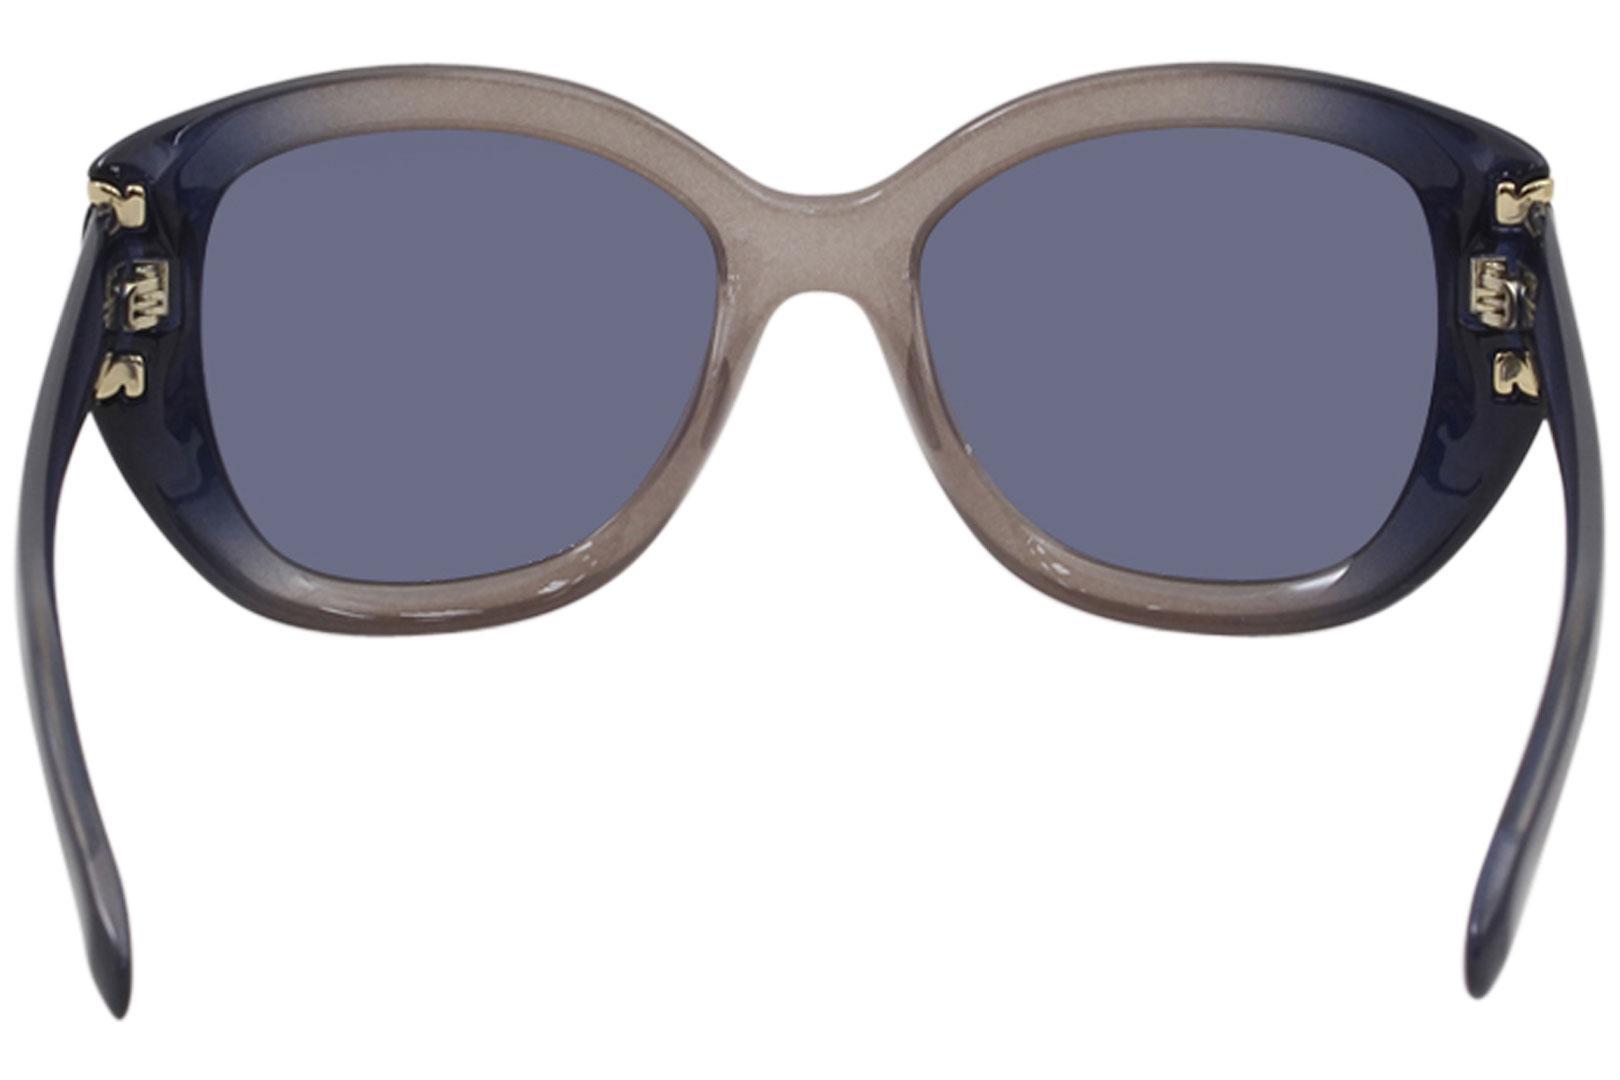 df01fe8988 Salvatore Ferragamo Women s SF819S SF 819 S Fashion Square Sunglasses by Salvatore  Ferragamo. 12345